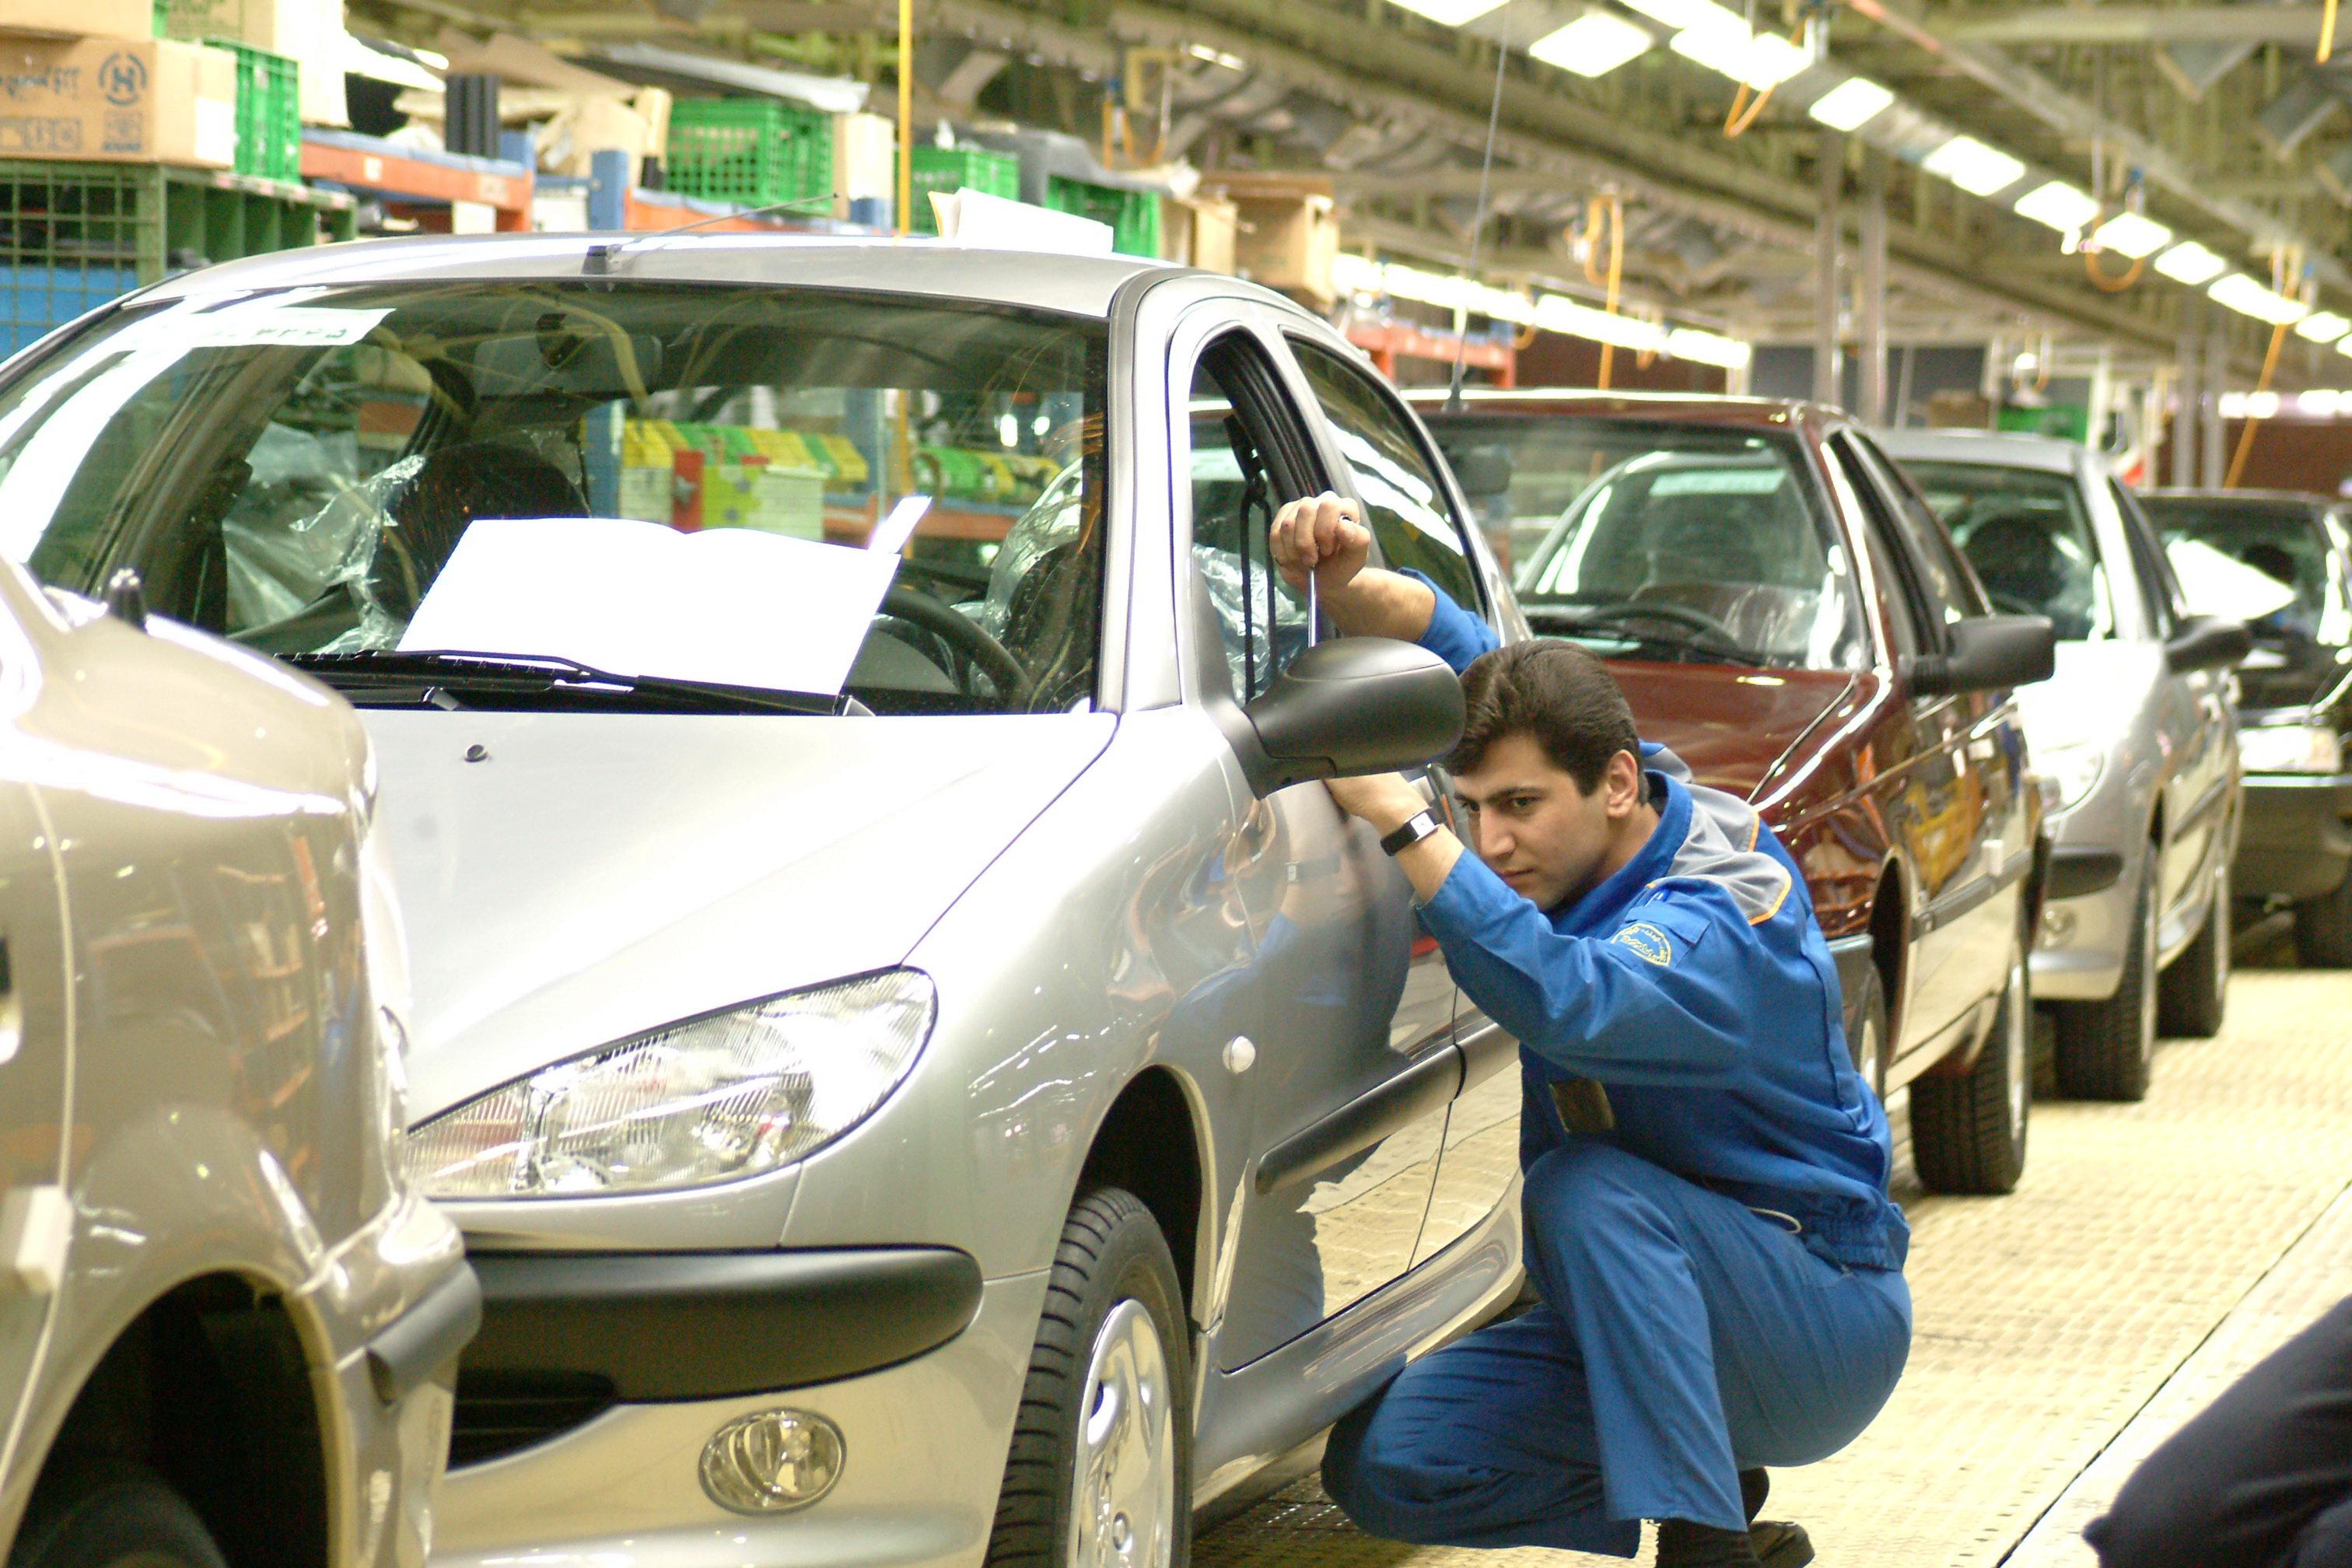 سازوکار احتمالی پرداخت تسهیلات ارزی به زنجیره خودروسازی